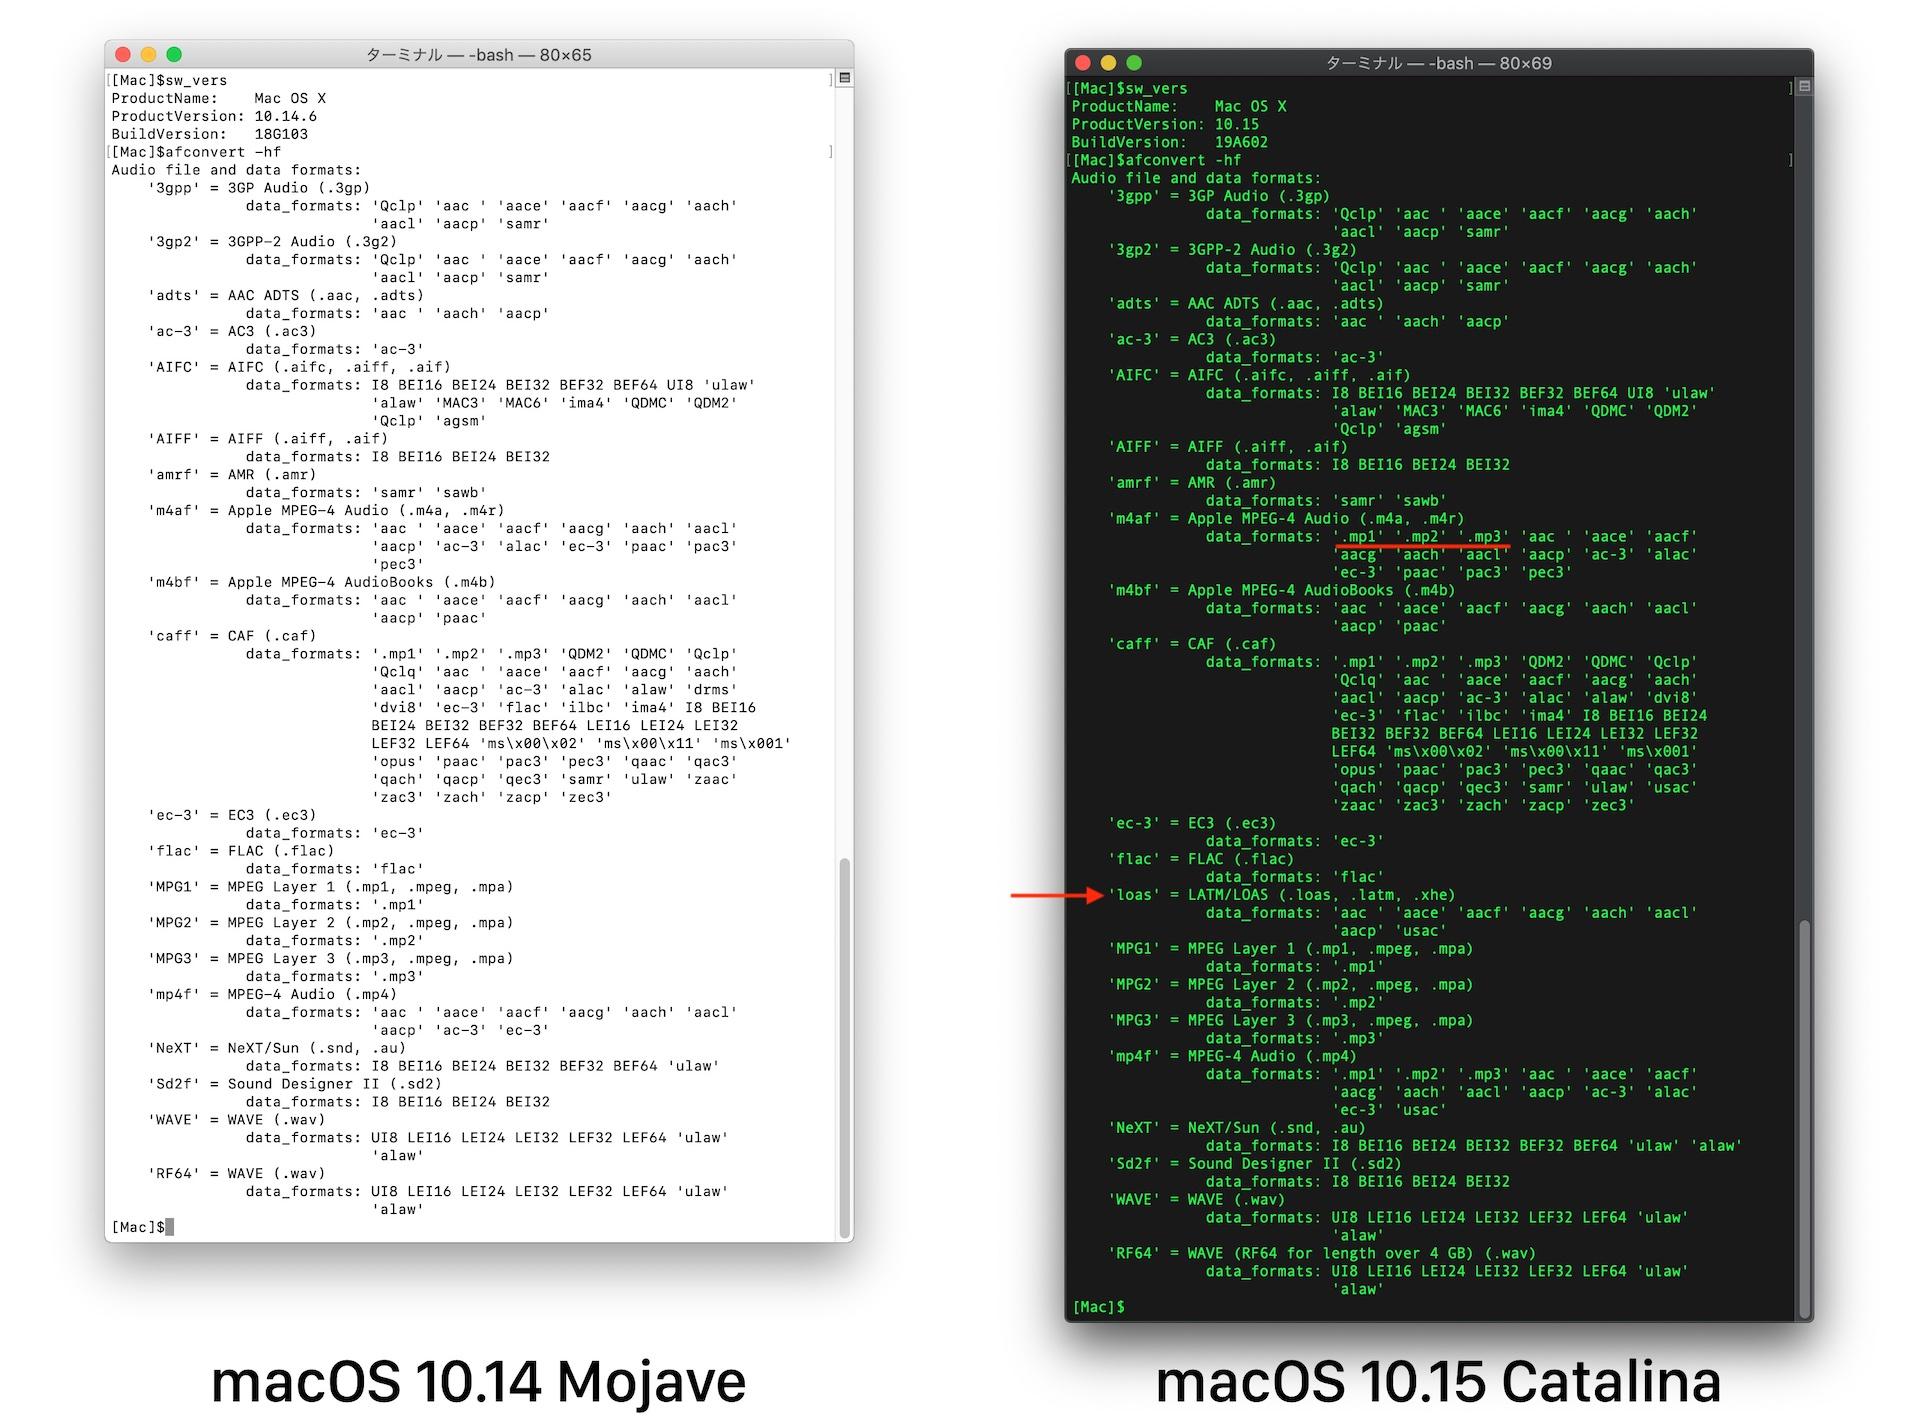 macOS 10.15 CatalinaのLATM/LOASフォーマット